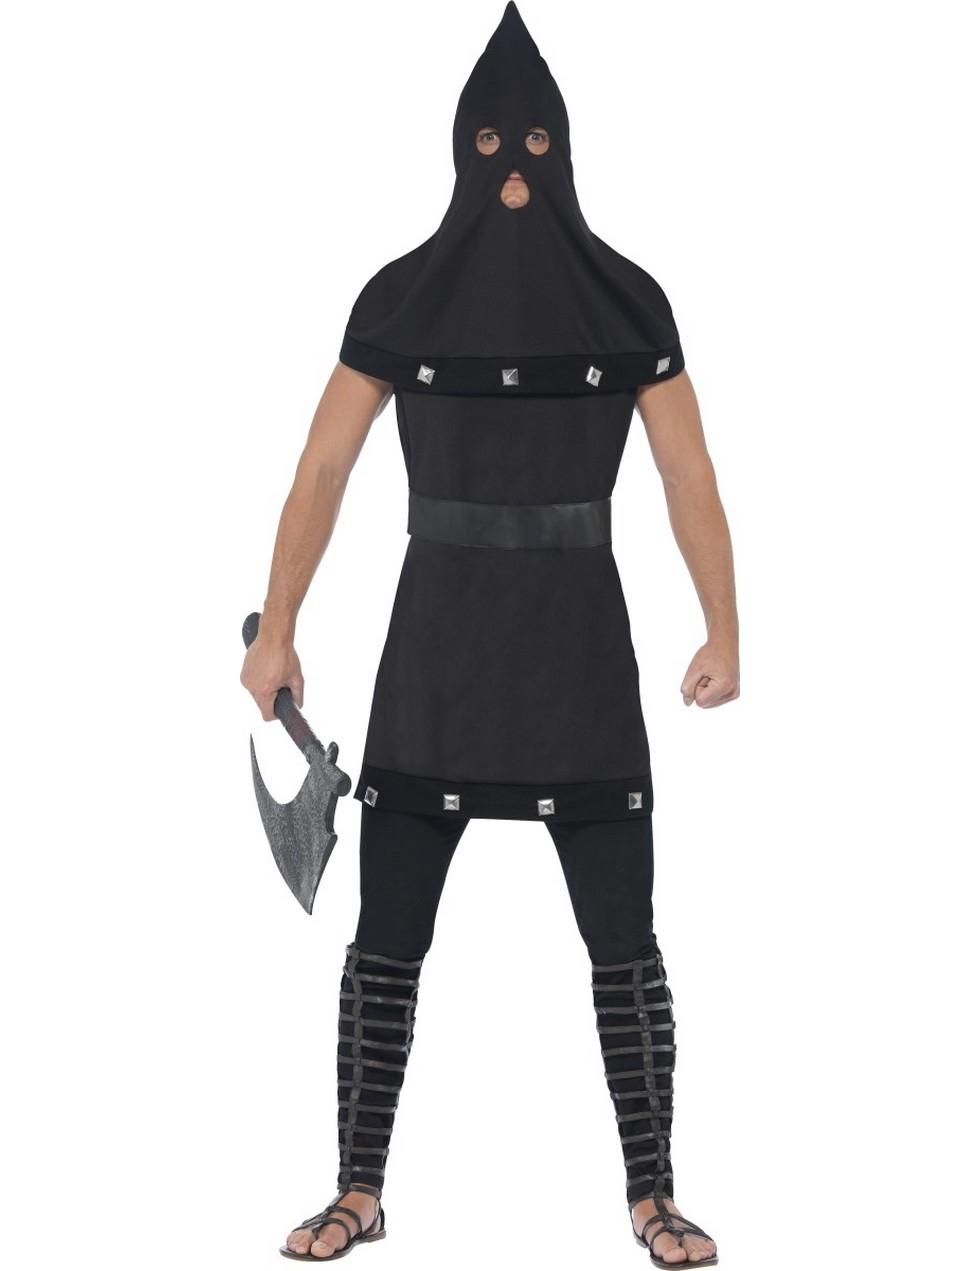 Scharfrichter Kostüm für Erwachsene Halloween - M 76933